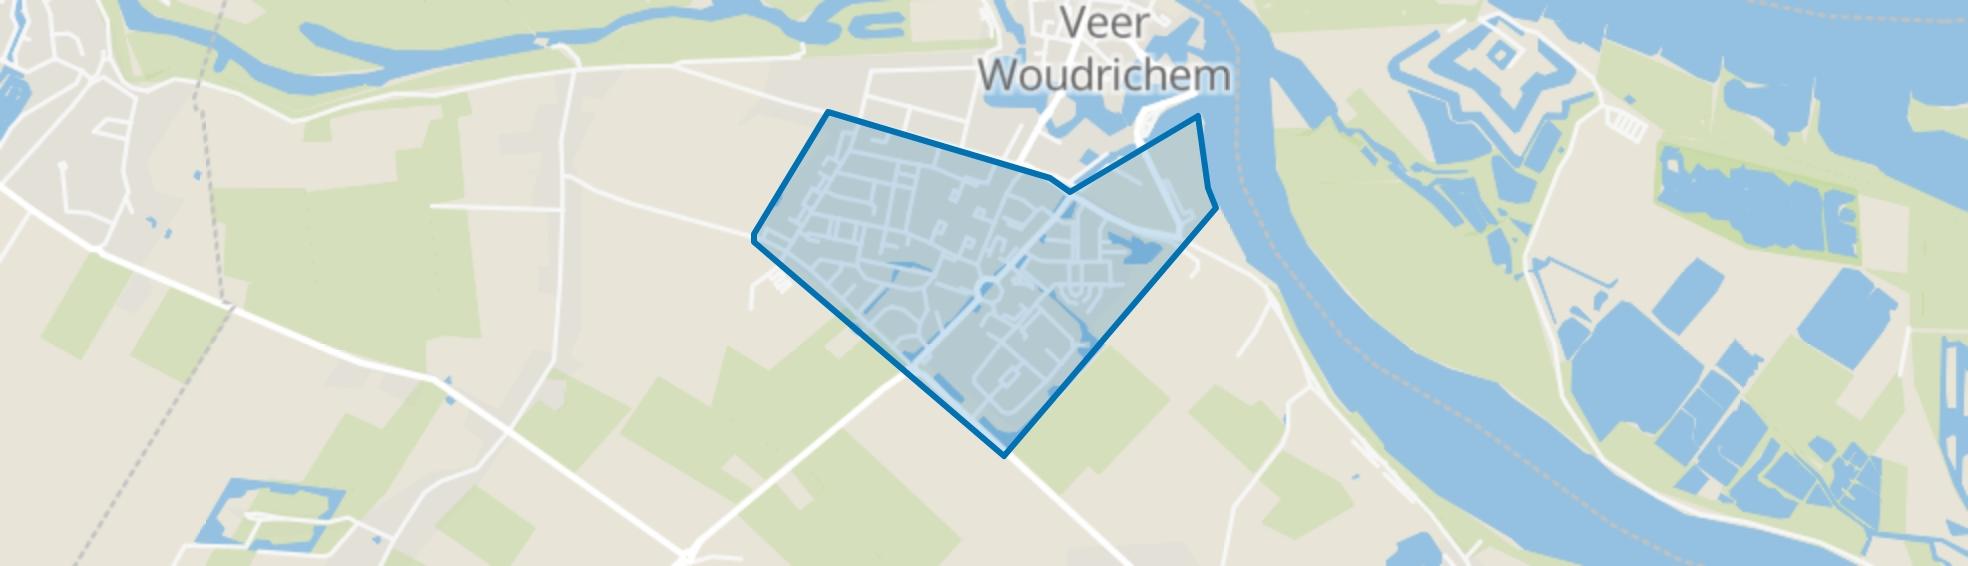 Woudrichem zuid, Woudrichem map